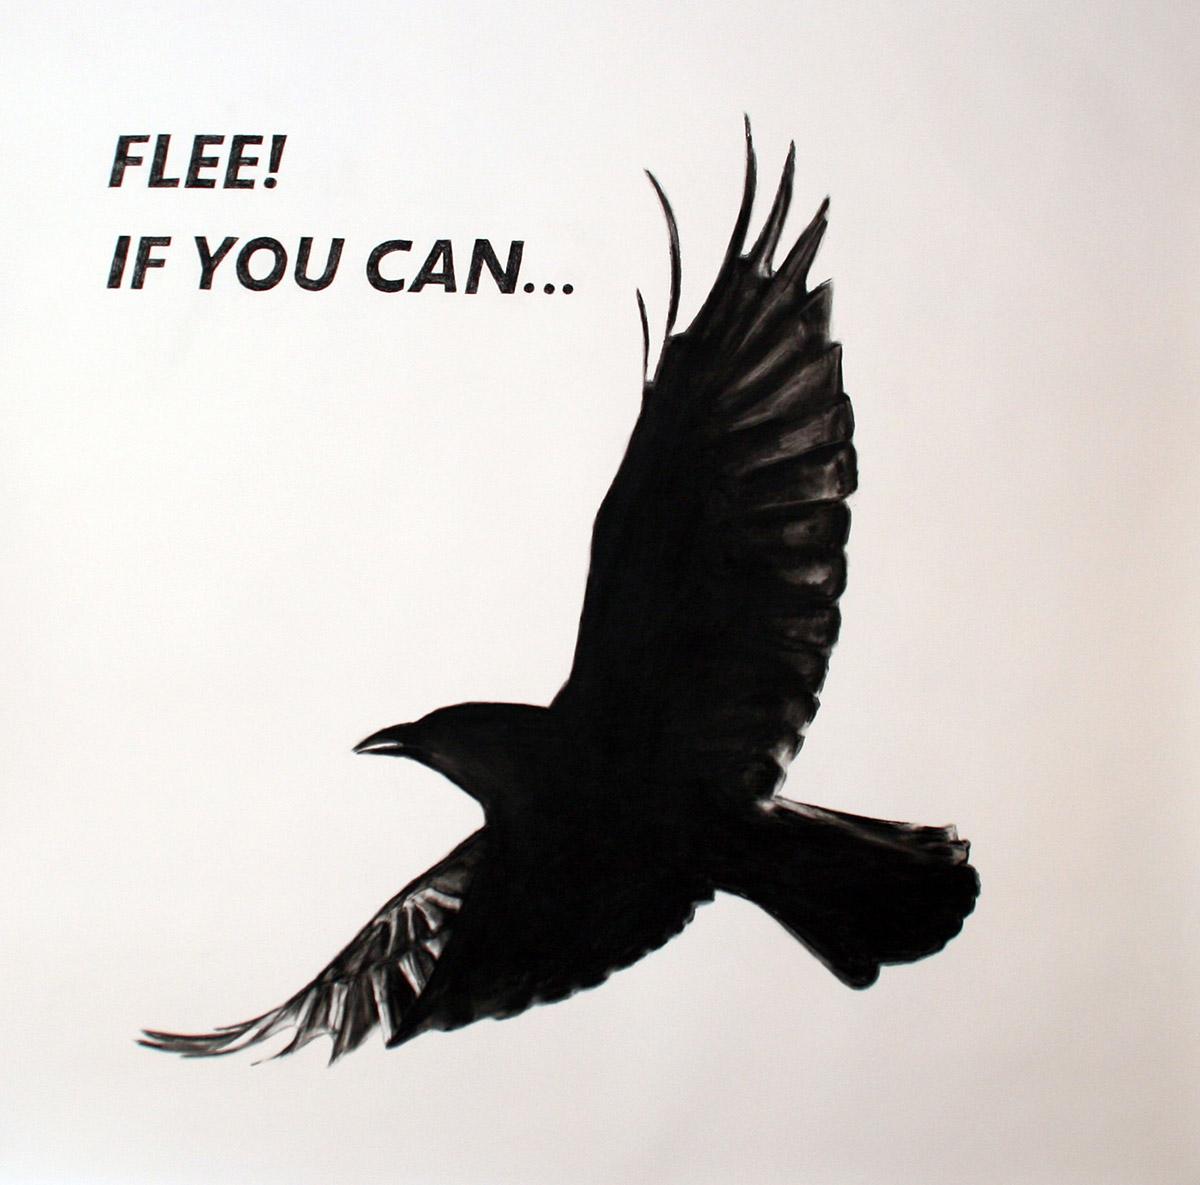 flee_1200